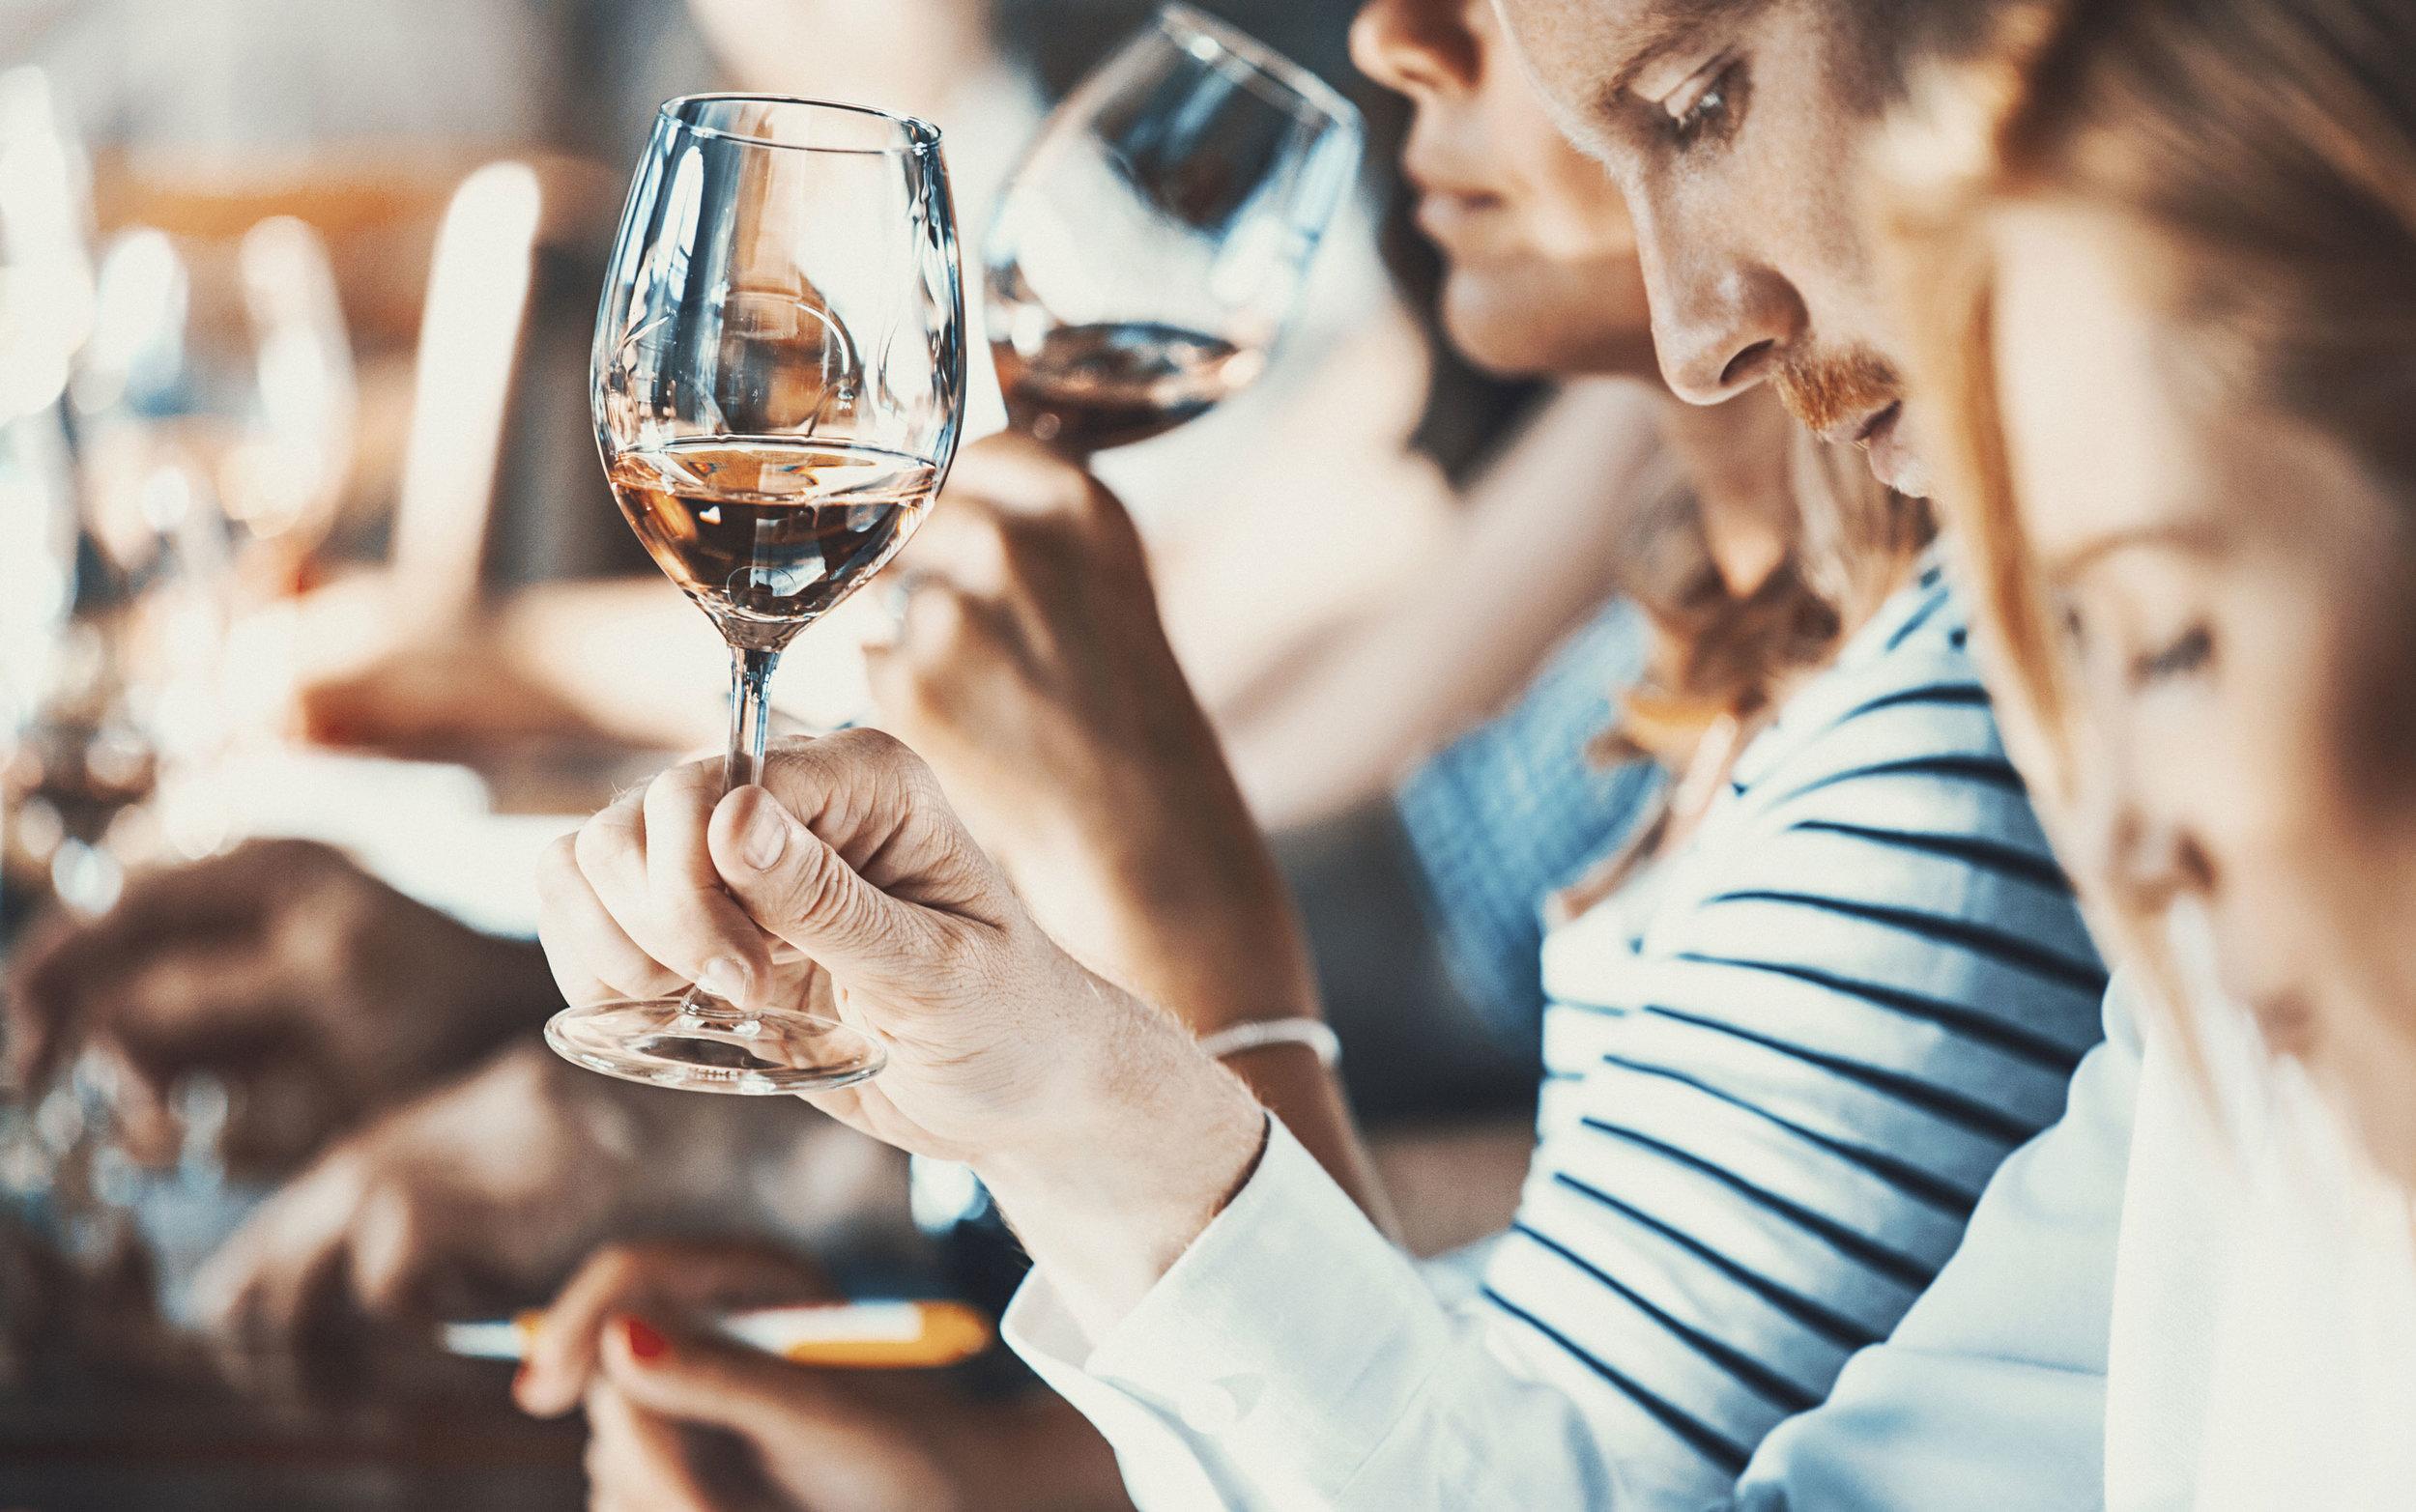 Wine Education, Events, & Tastings